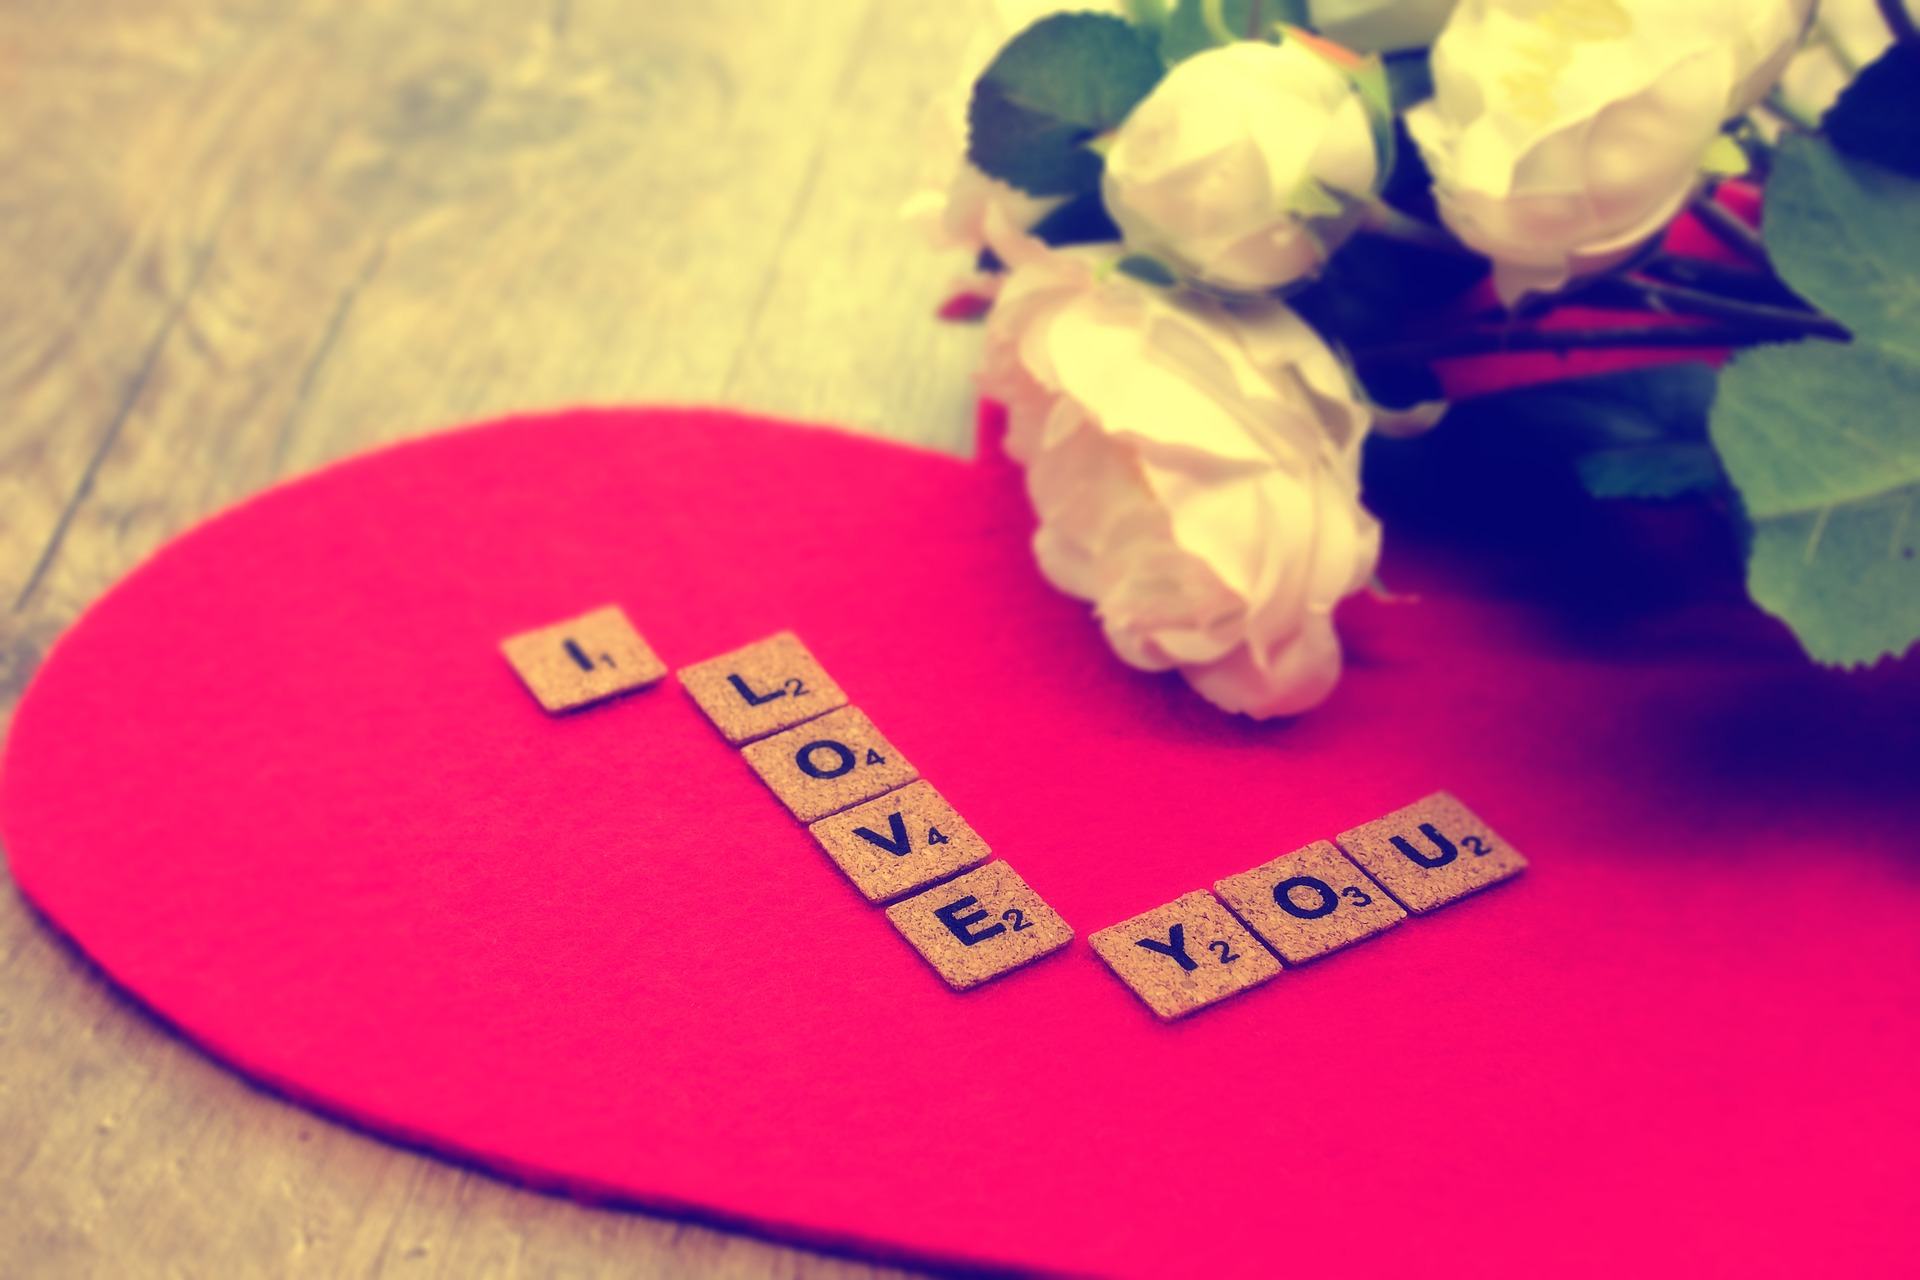 Valentin-napi társkereső tippeket